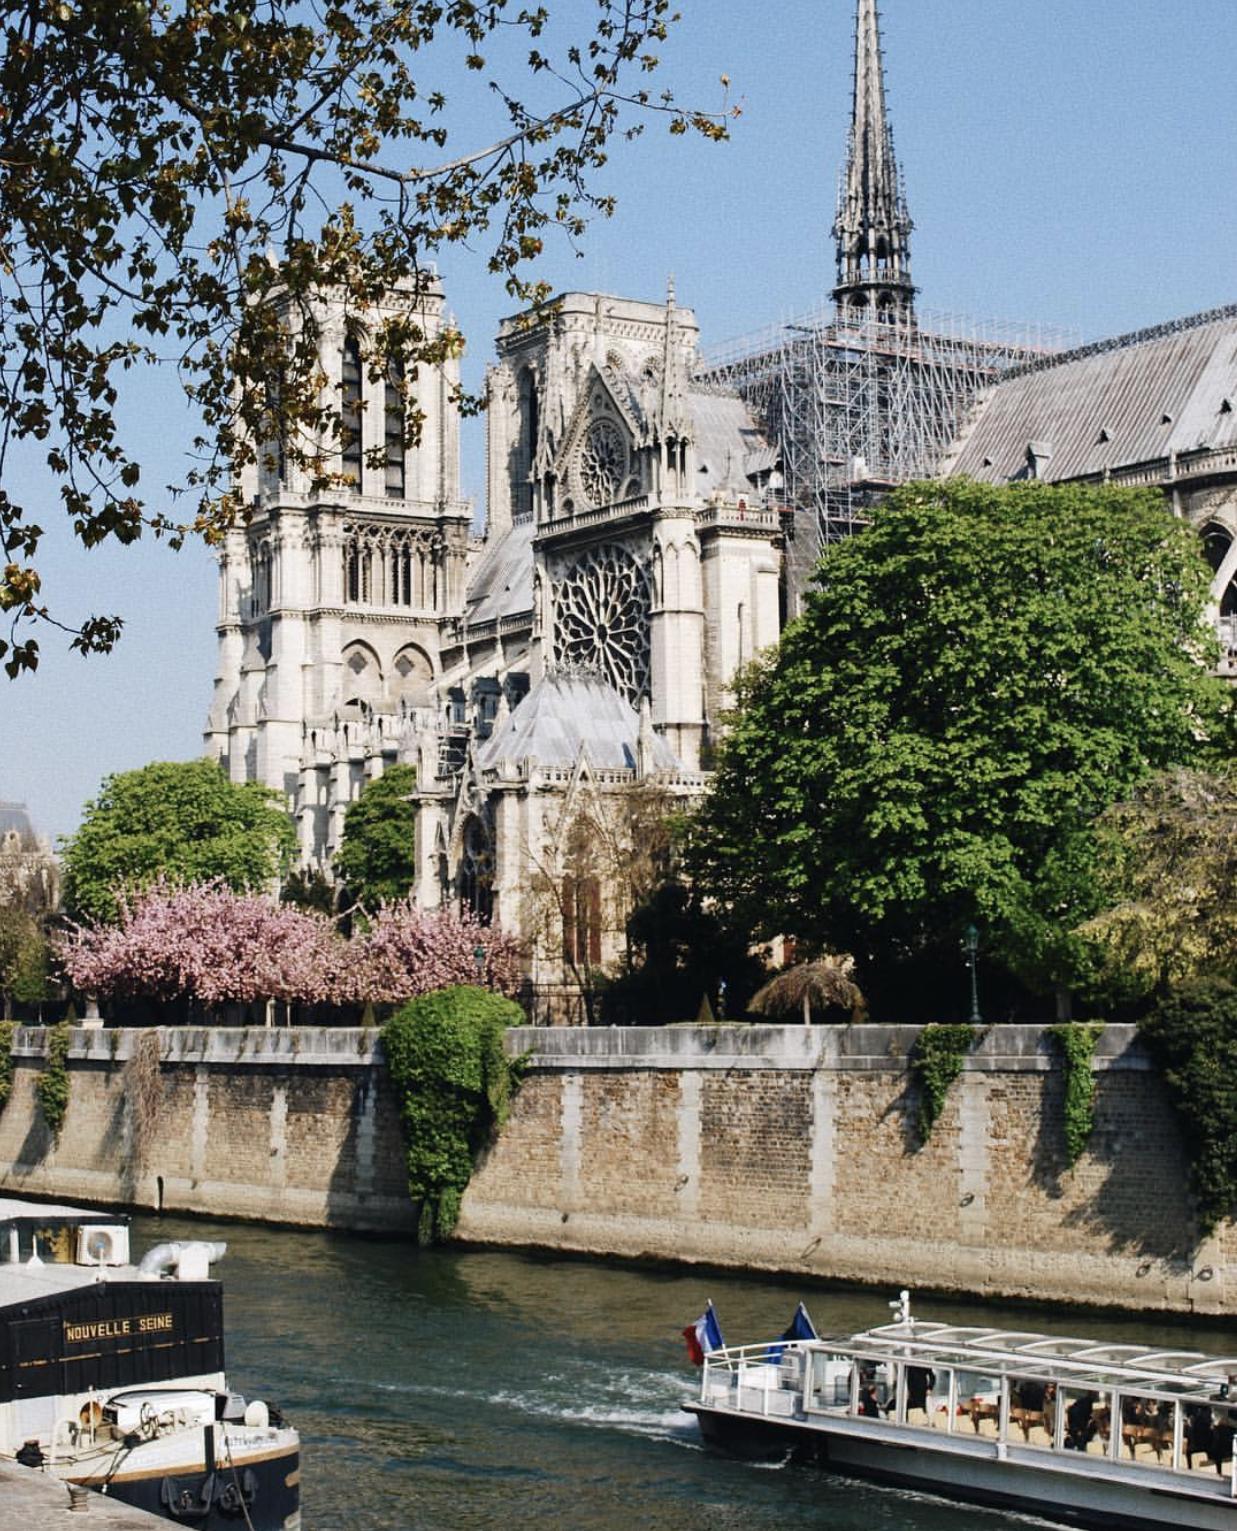 Nước mắt thằng Gù trên tháp chuông nhà thờ Đức Bà: Gần 1000 năm lịch sử, ai sẽ phục dựng lại cho nước Pháp và nhân loại? - Ảnh 2.